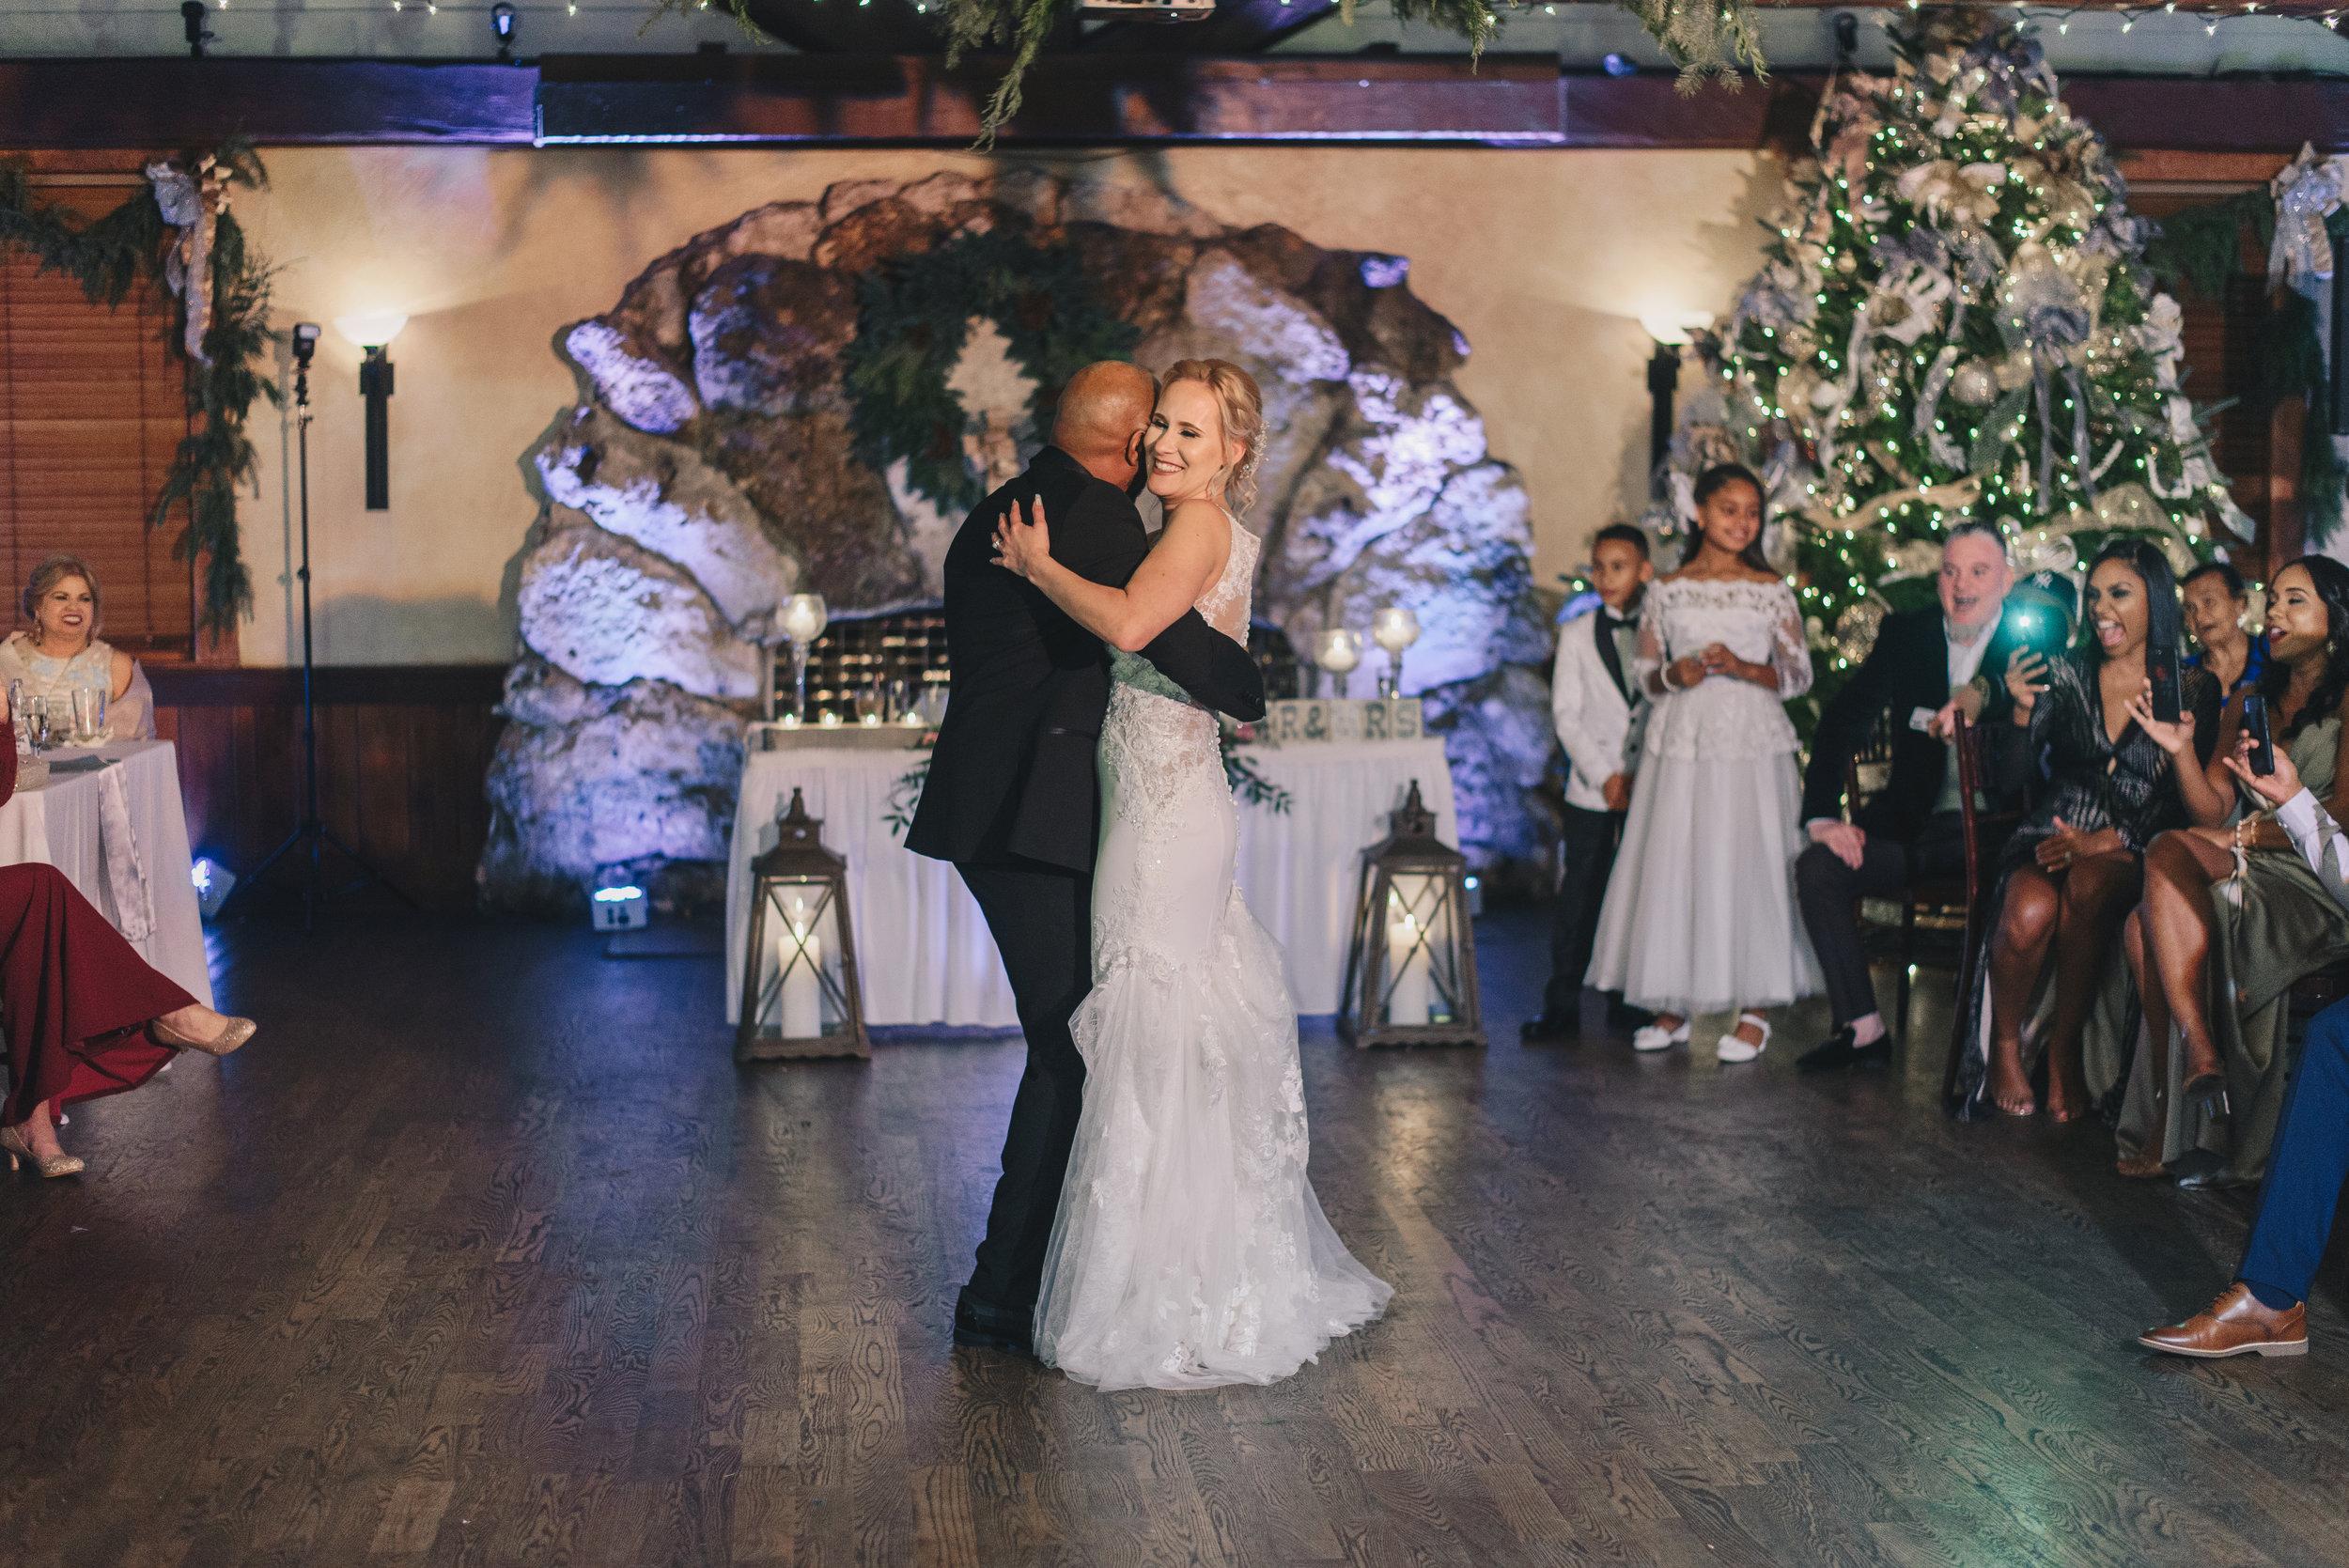 Los-Vargas-Photo-Wedding-Historic-Dubsdread-Ballroom-9096.jpg